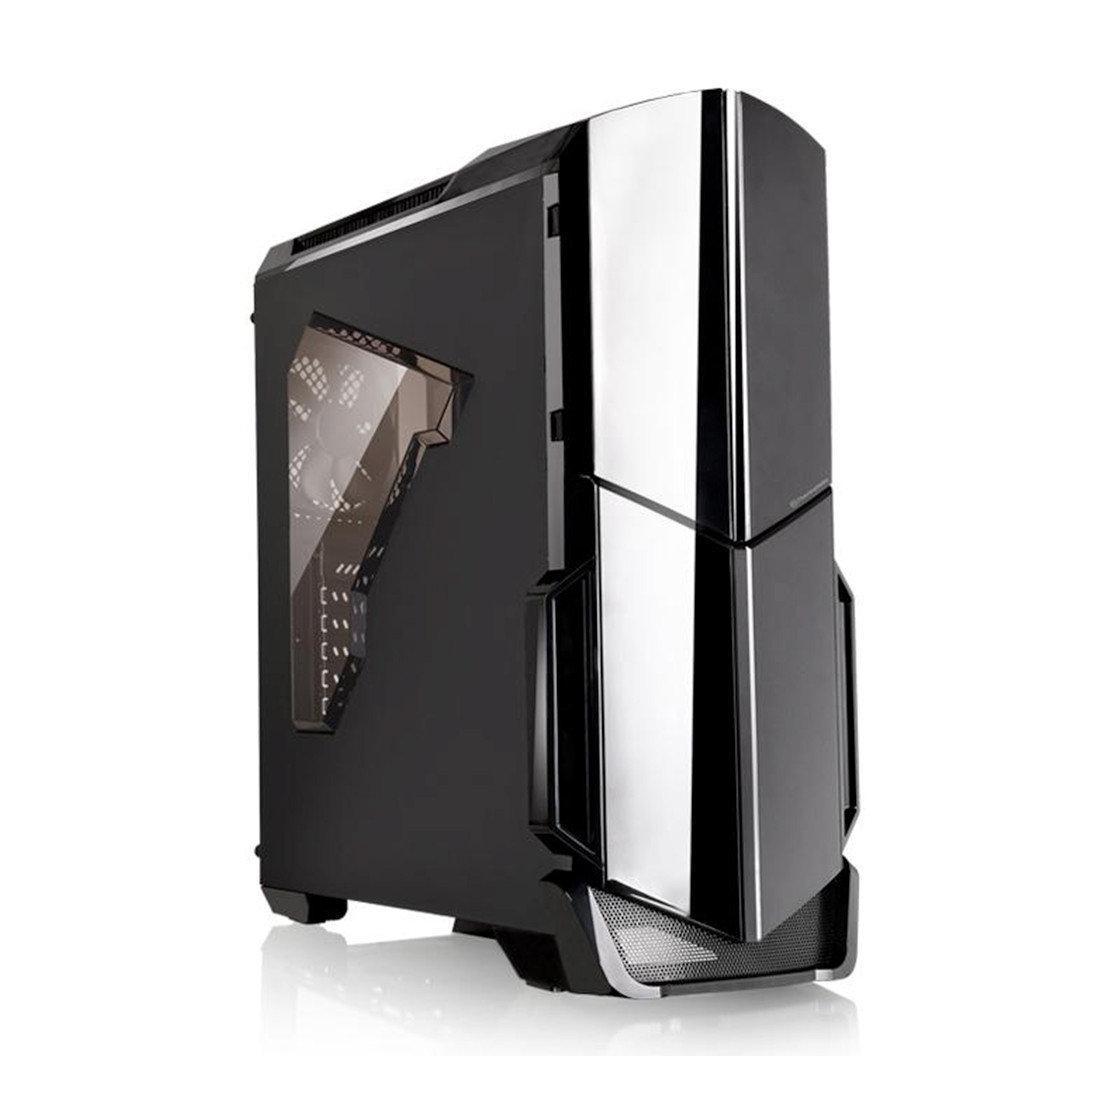 Системный блок Intel Pentium G5400 3.7 GHZ/H310/DDR4 4GB/HDD 500GB/GT710/DVD/450W